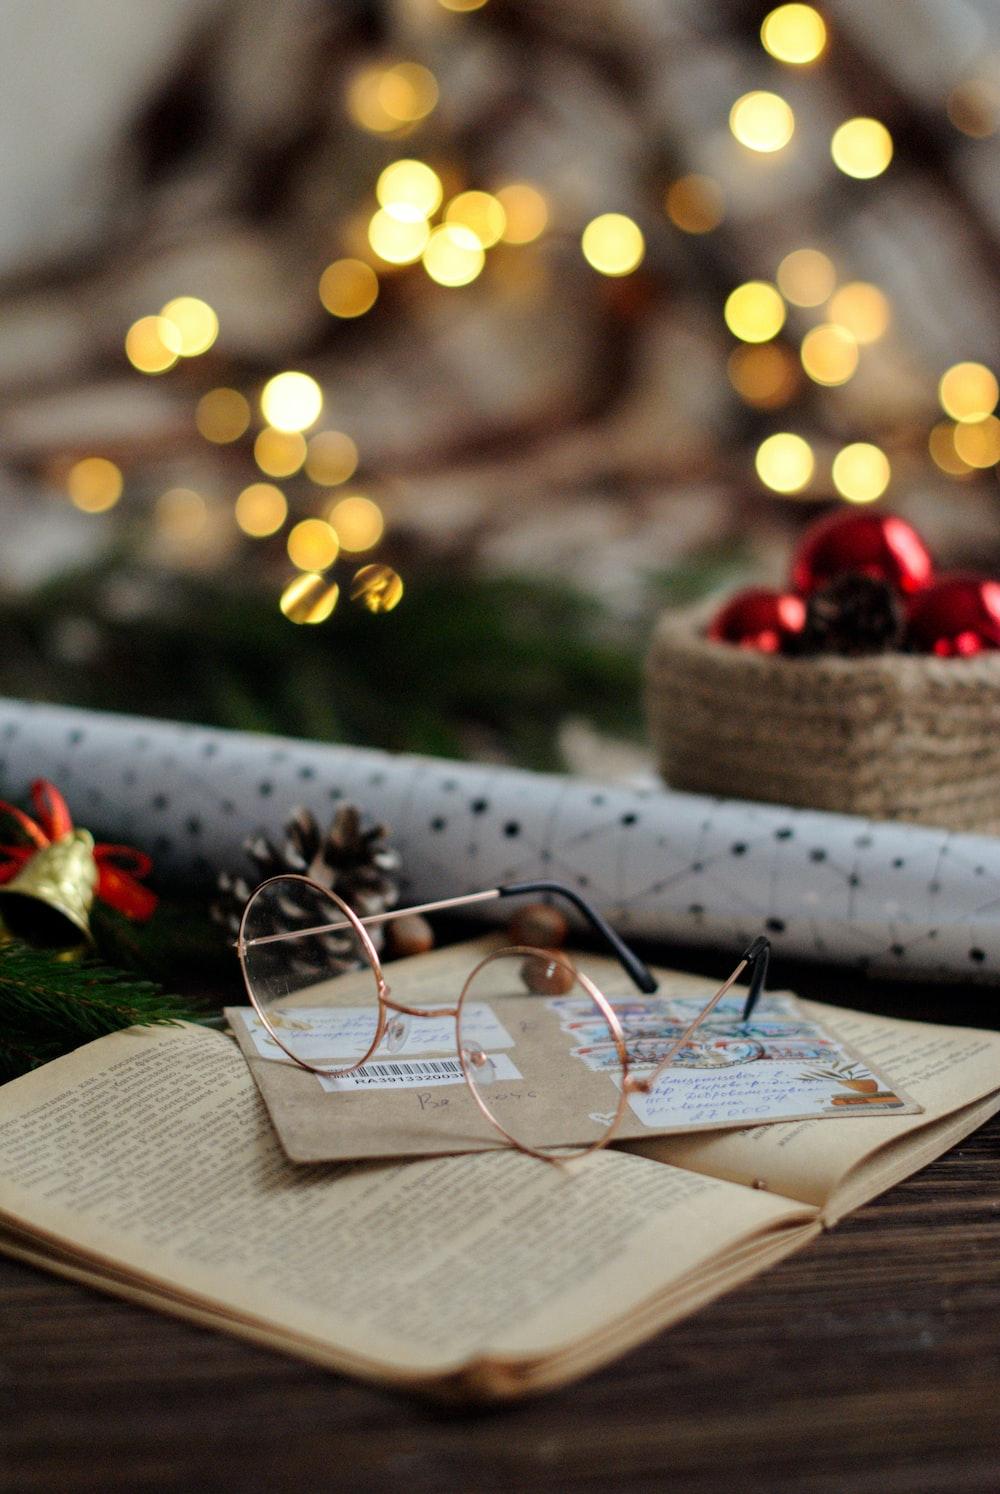 hippie eyeglasses on brown book